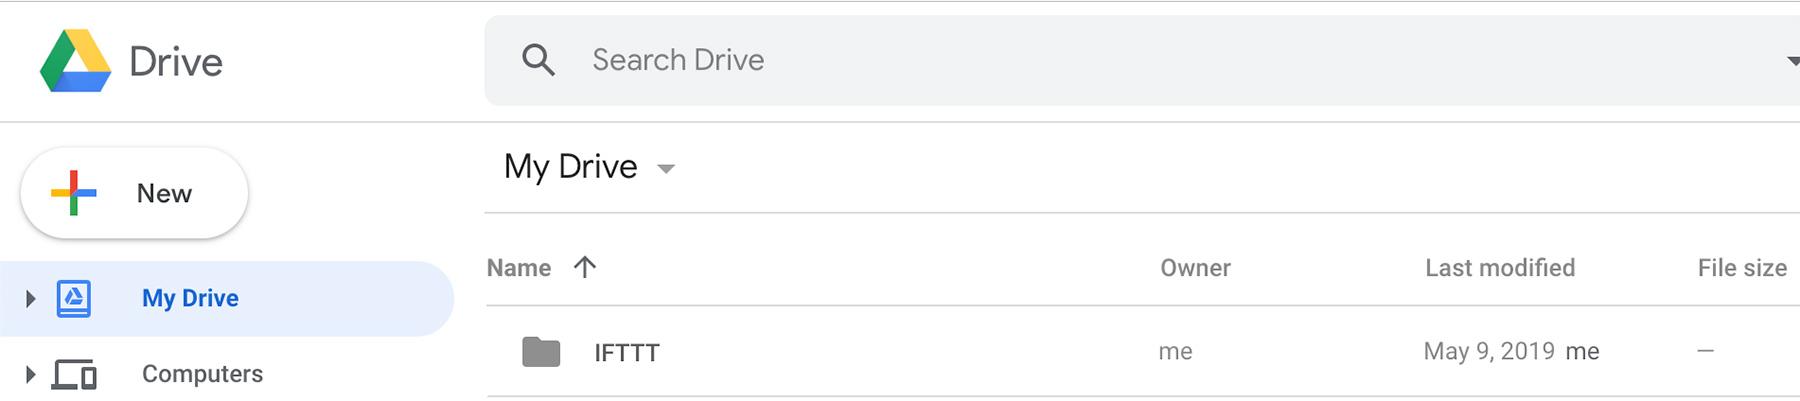 IFTTT Google Drive folder